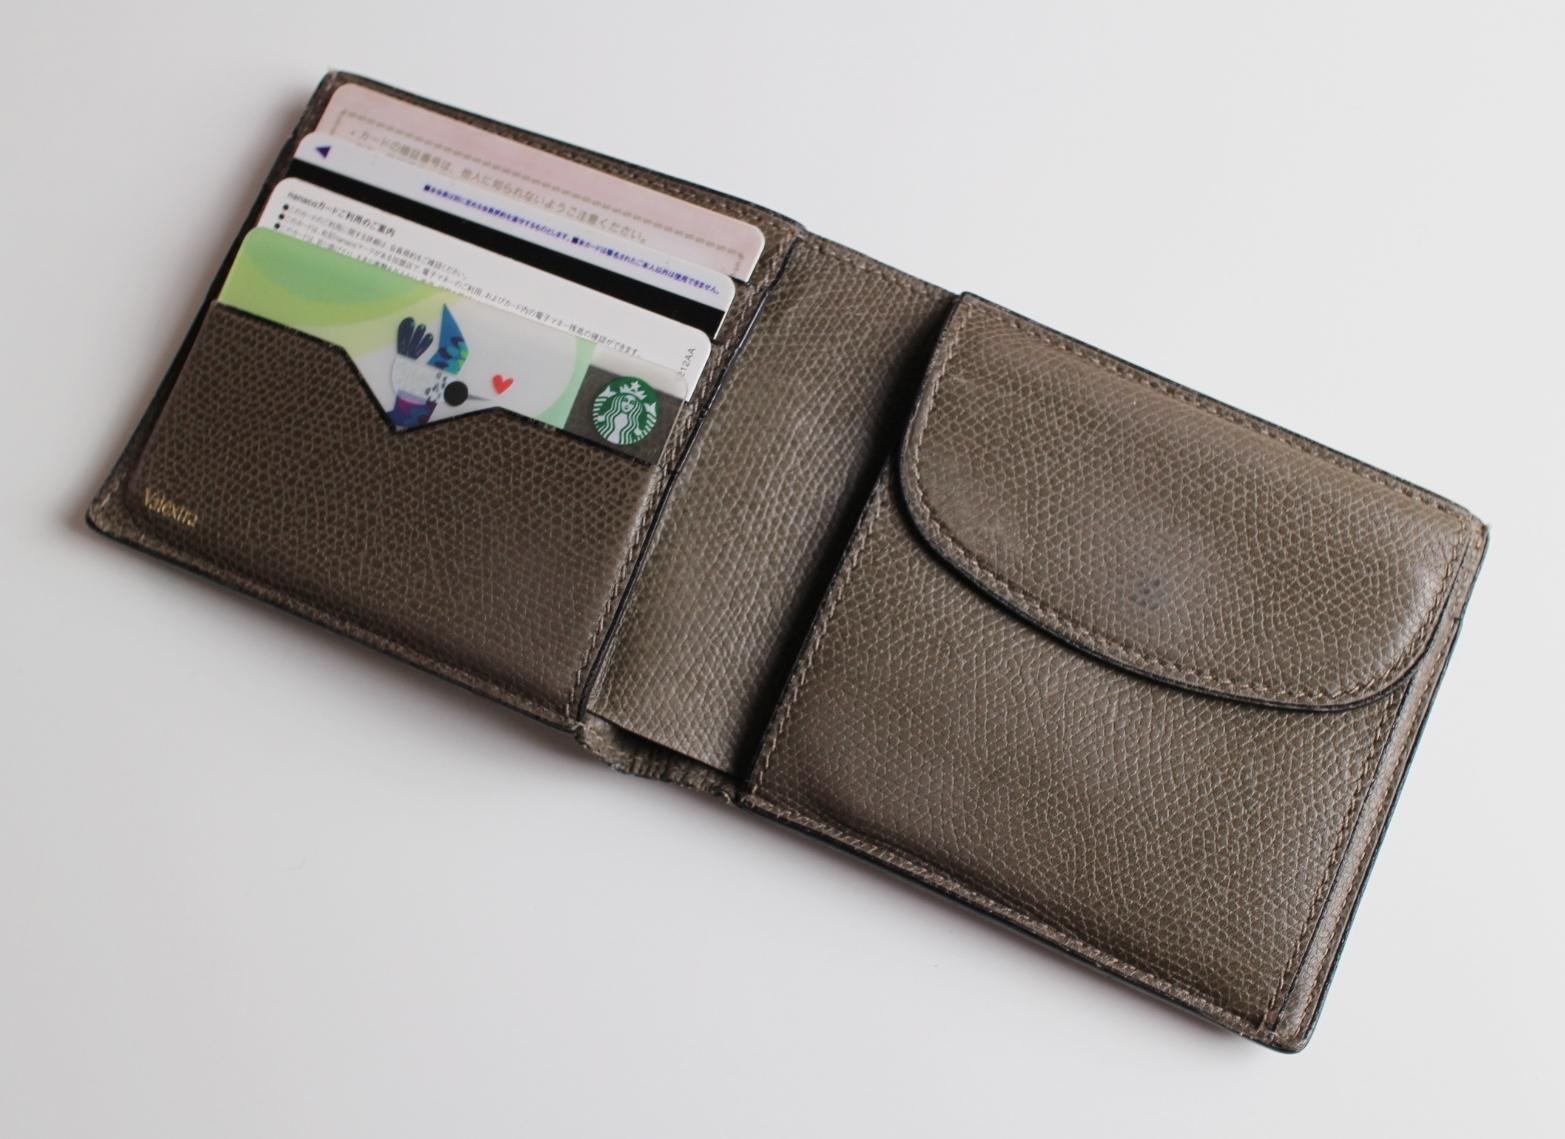 Valextra(ヴァレクストラ)の二つ折り財布を5年使用して感じたこと